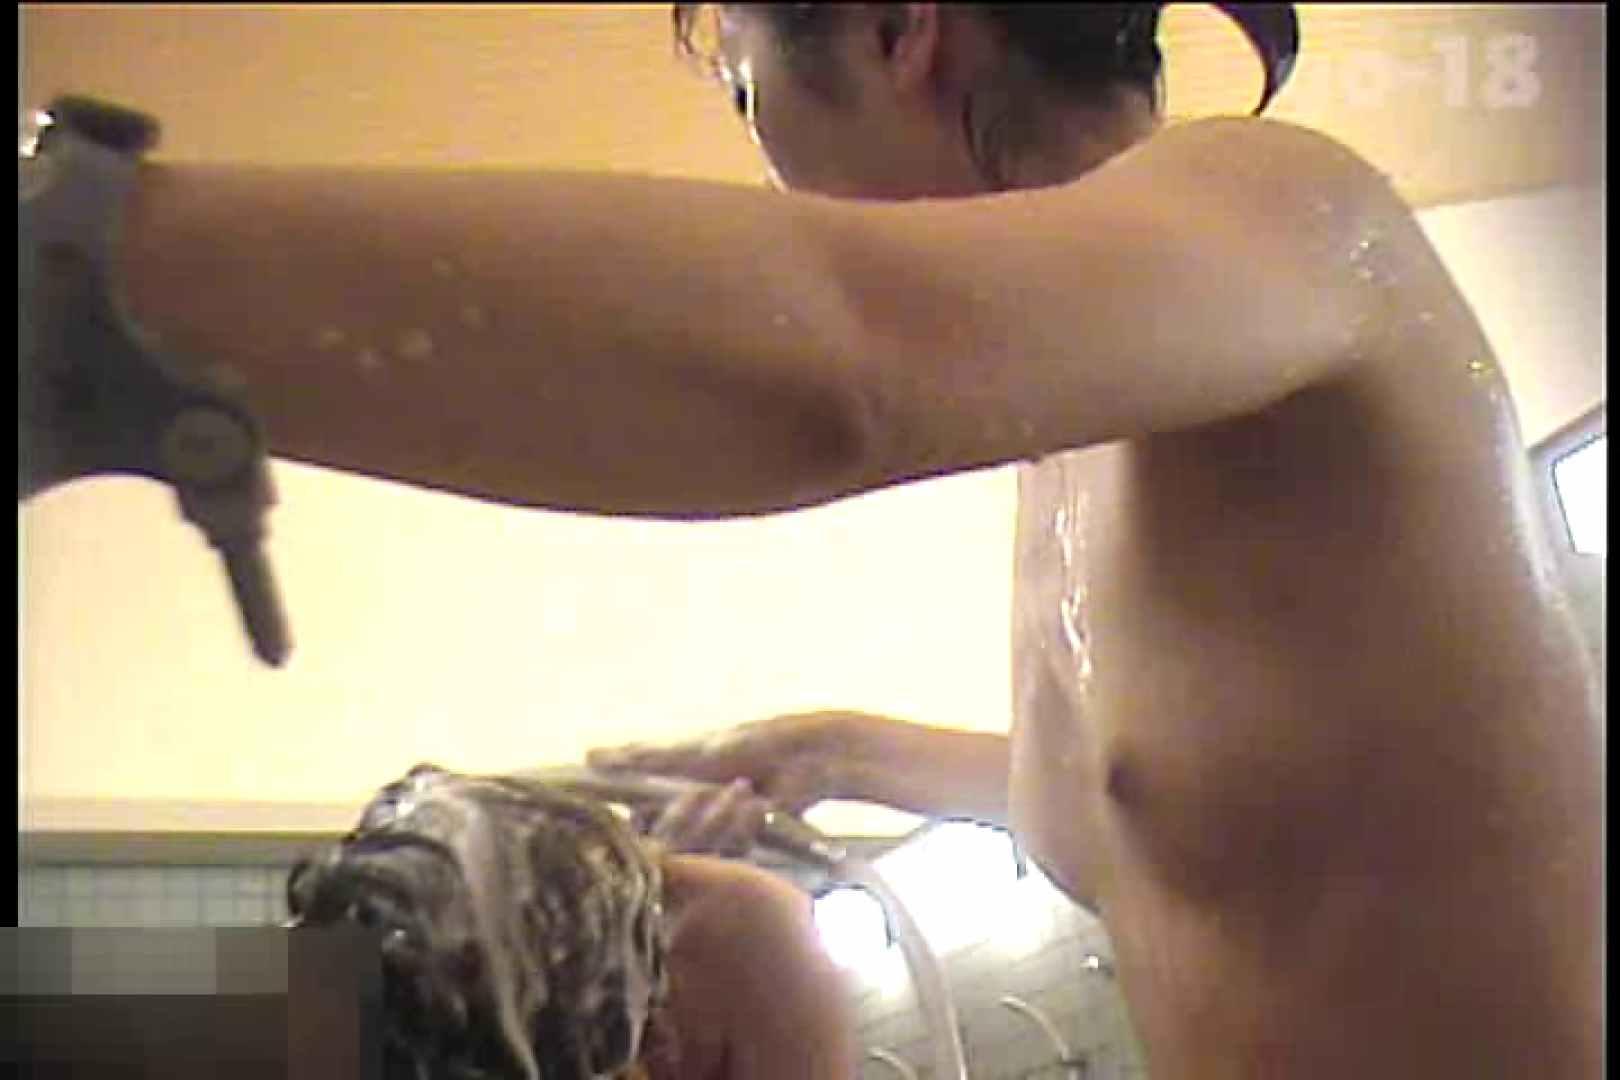 電波カメラ設置浴場からの防HAN映像 Vol.18 盗撮で悶絶 エロ画像 58画像 32